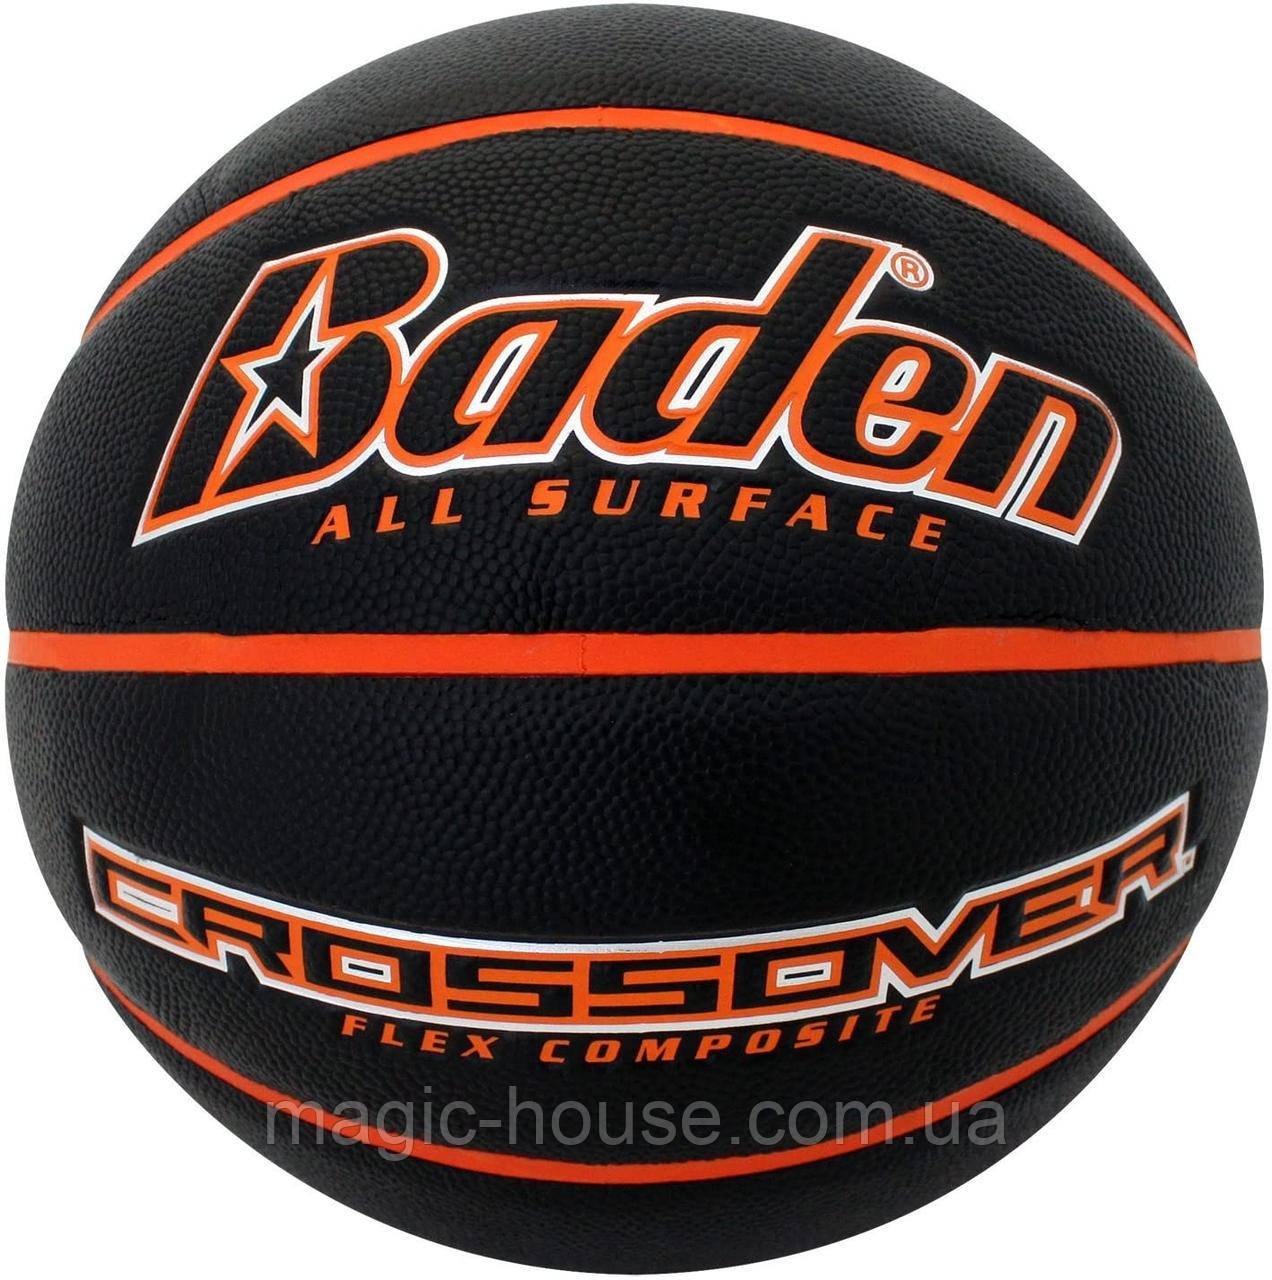 Мяч баскетбольный Baden Crossover Composite оригинал размер 6